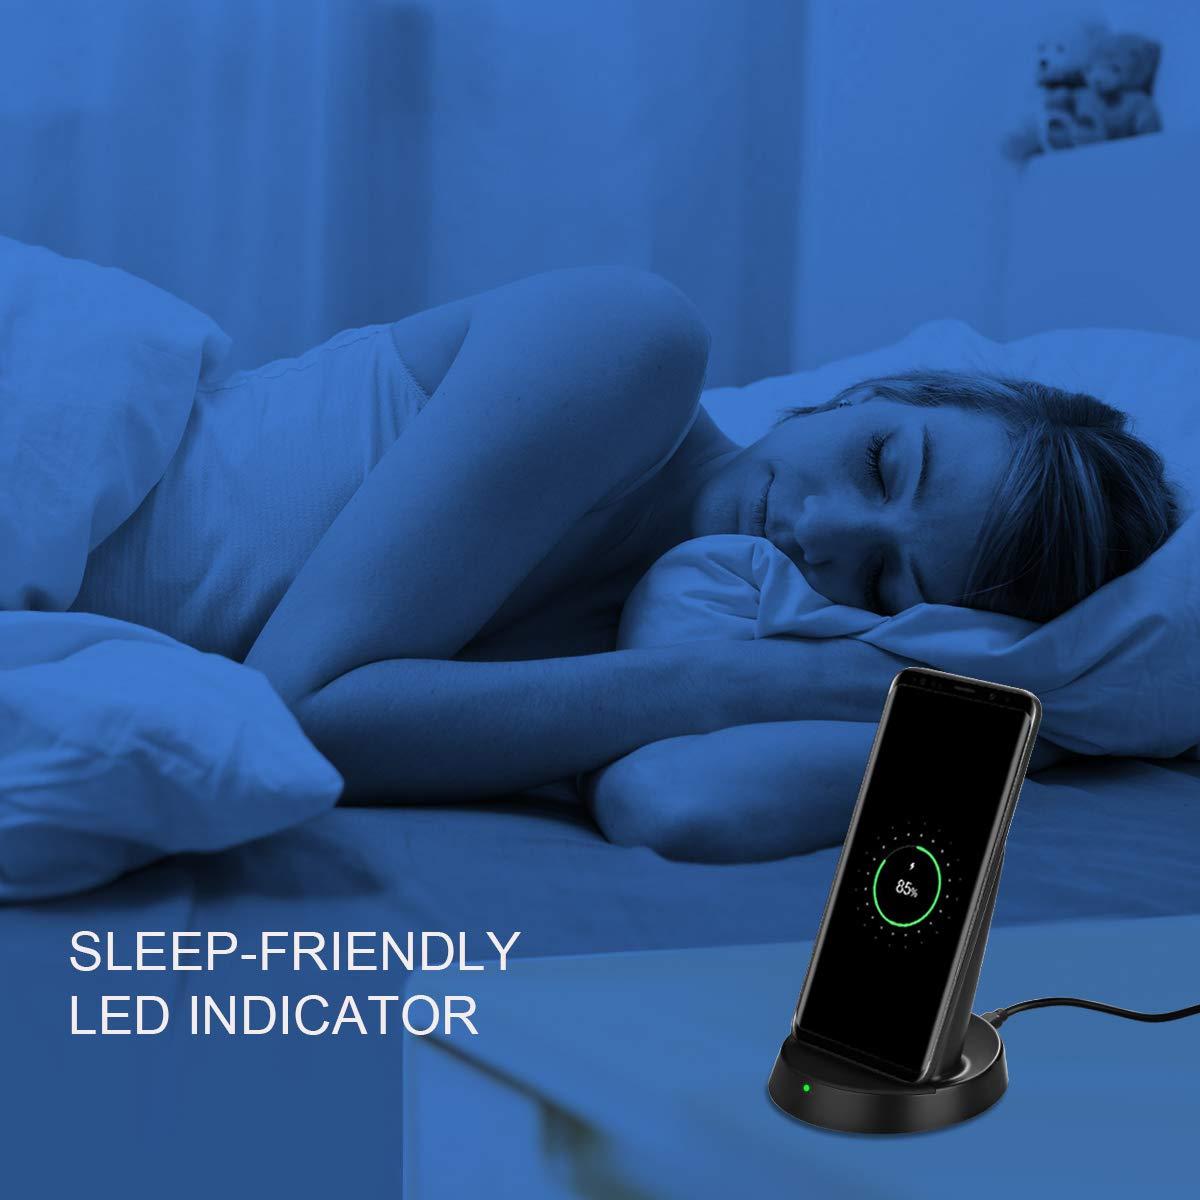 Kdely Caricatore Wireless Veloce Qi 10W Caricabatterie Senza Fili Ricarica Rapida per Galaxy S10,S10+,S10e,S9,S9+,S8,S8+,S7,Note 9, Note 8, 7.5W per iPhone XS,XS Max,XR,X,8,8Plus - Nero